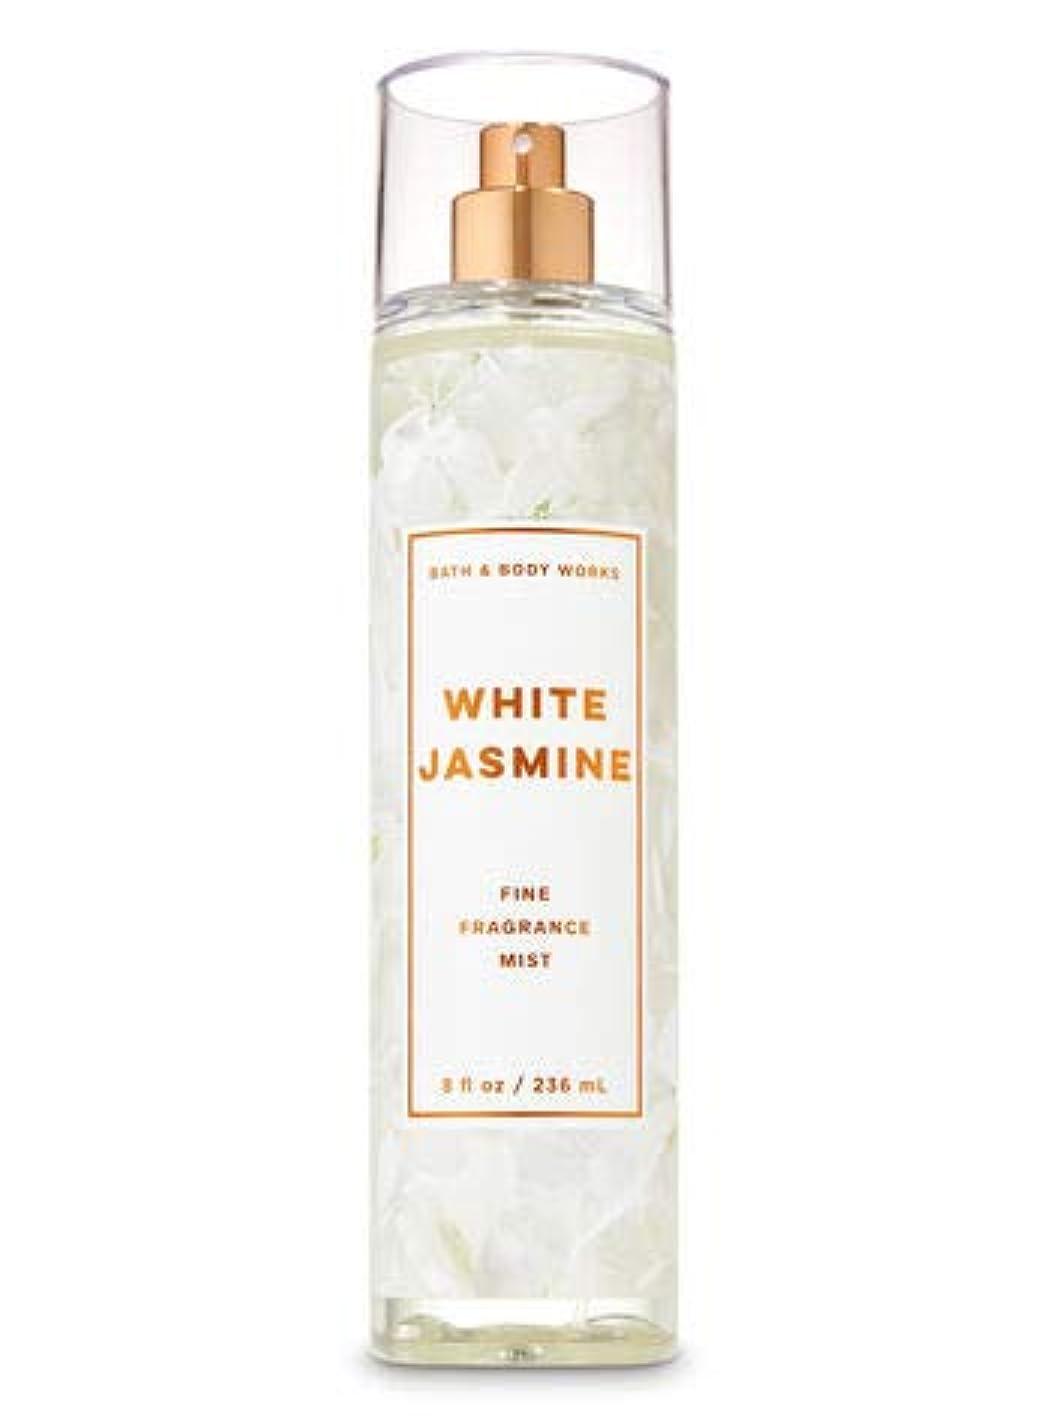 ジュラシックパークセクション誤って【Bath&Body Works/バス&ボディワークス】 ファインフレグランスミスト ホワイトジャスミン Fine Fragrance Mist White Jasmine 8oz (236ml) [並行輸入品]